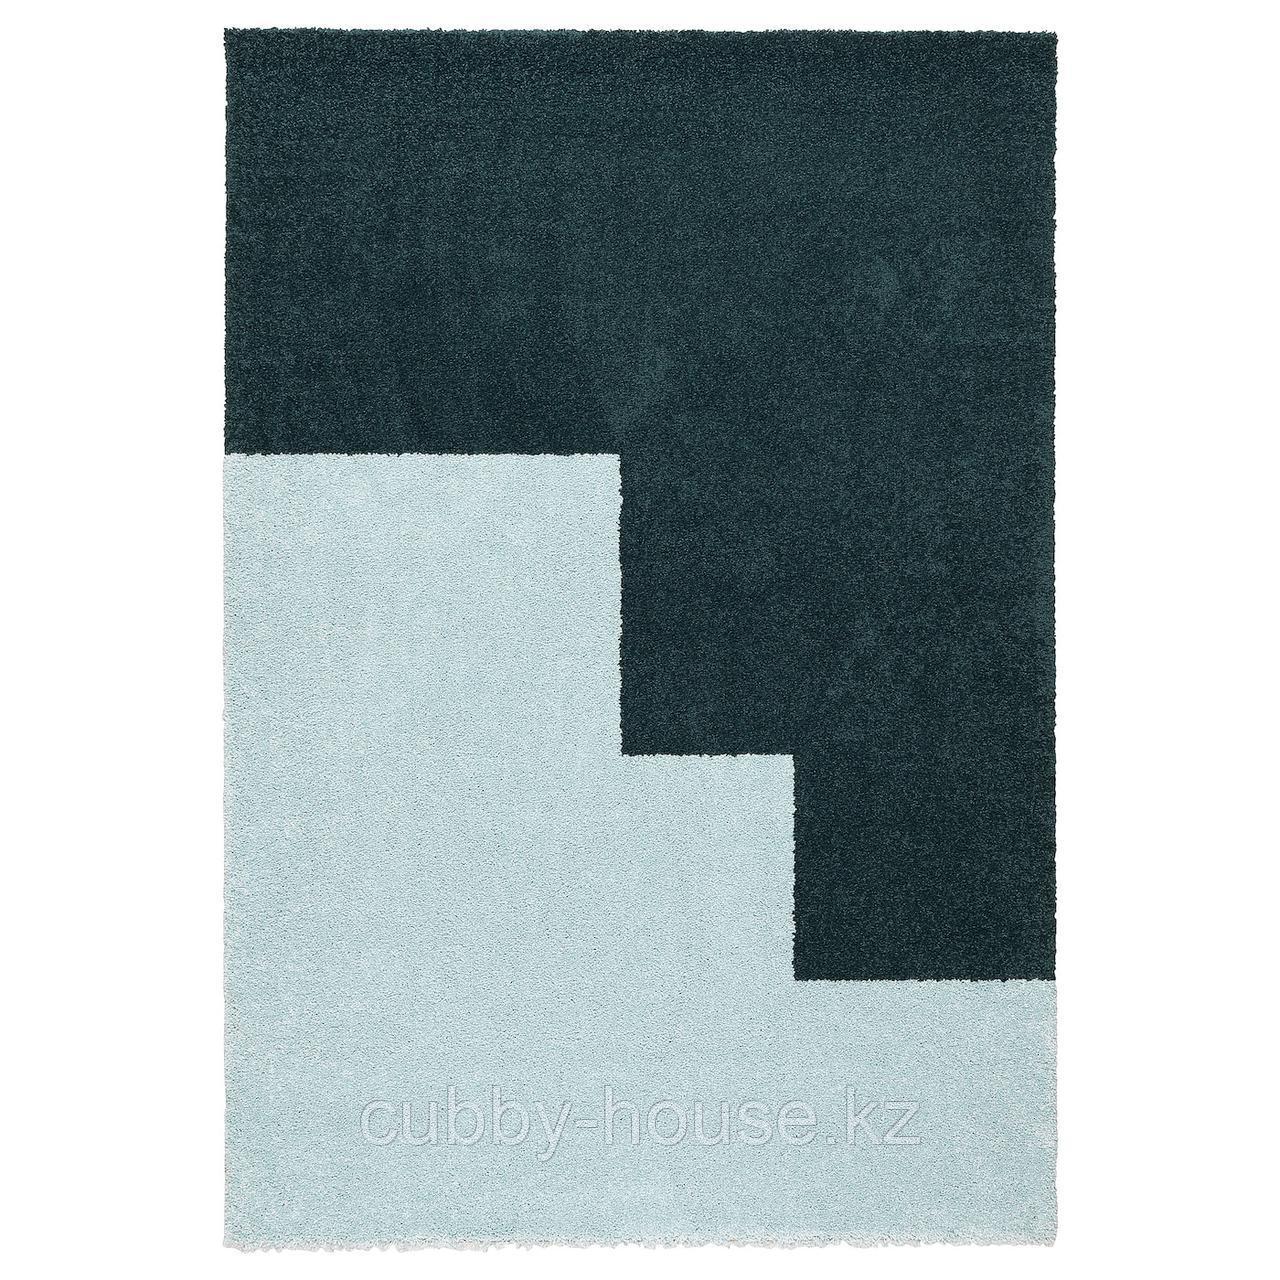 КОНГСТРУП Ковер, длинный ворс, голубой, зеленый, 133x195 см